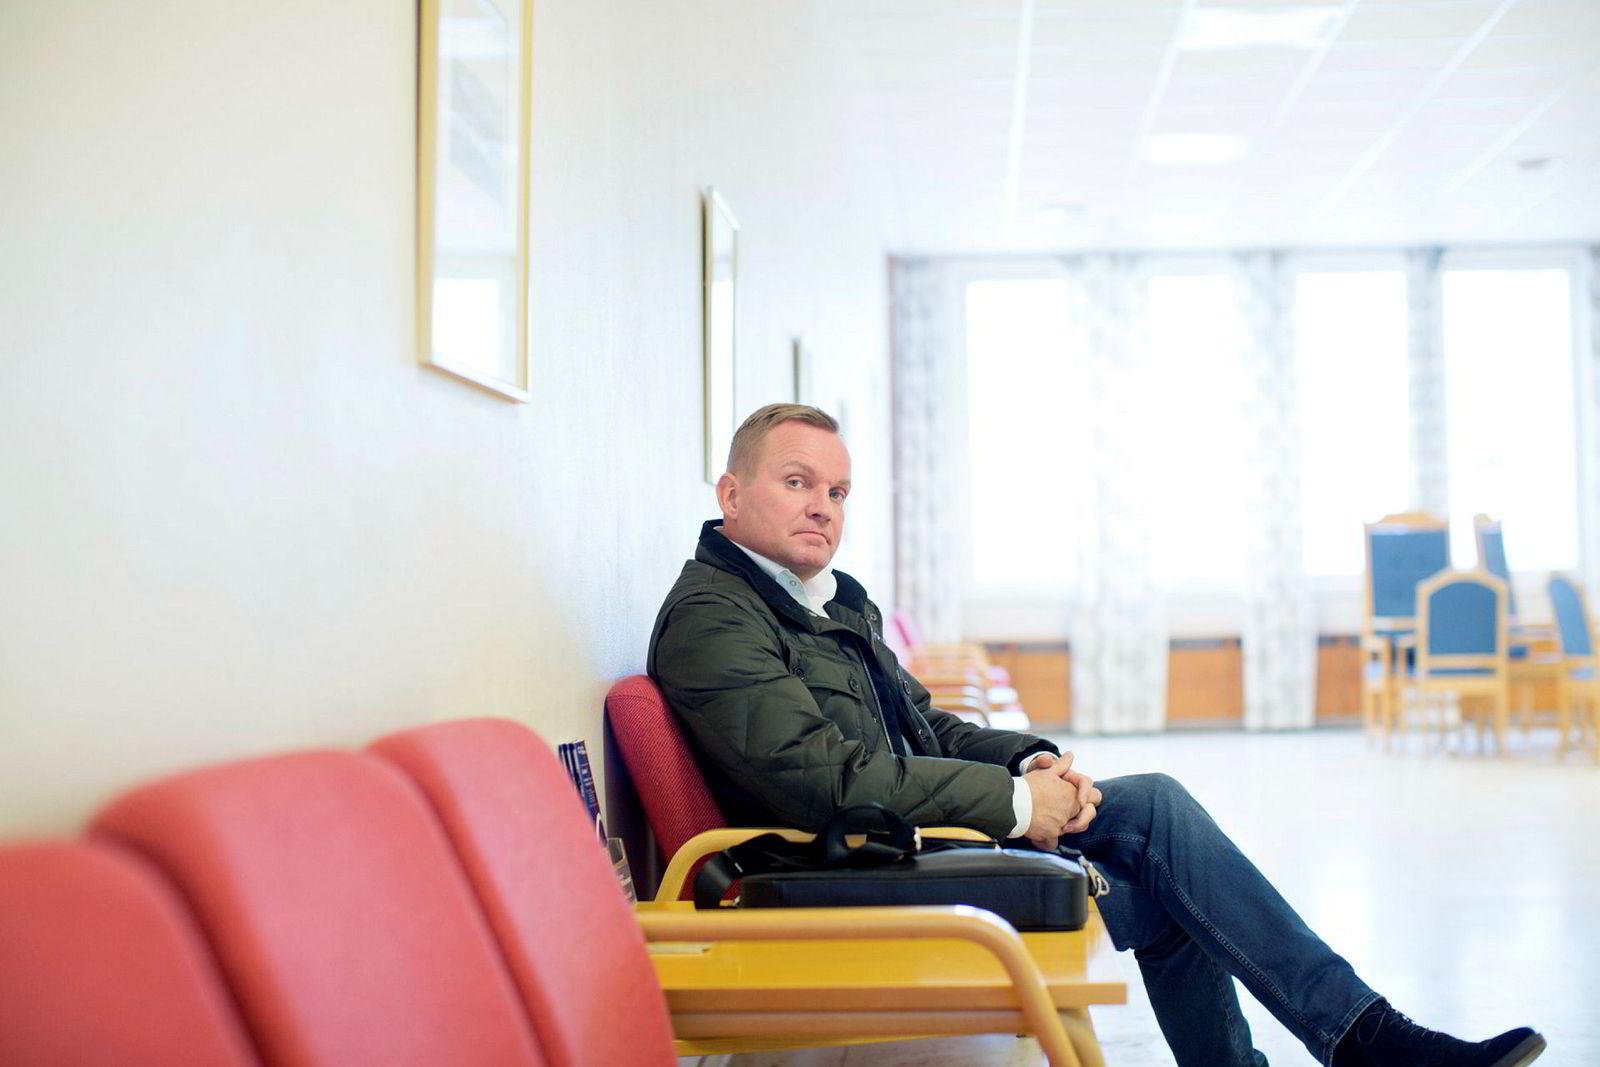 Dag Høili, Europris-arving, solgte landstedet sitt i Blindleia til Robert Hvide Macleod.